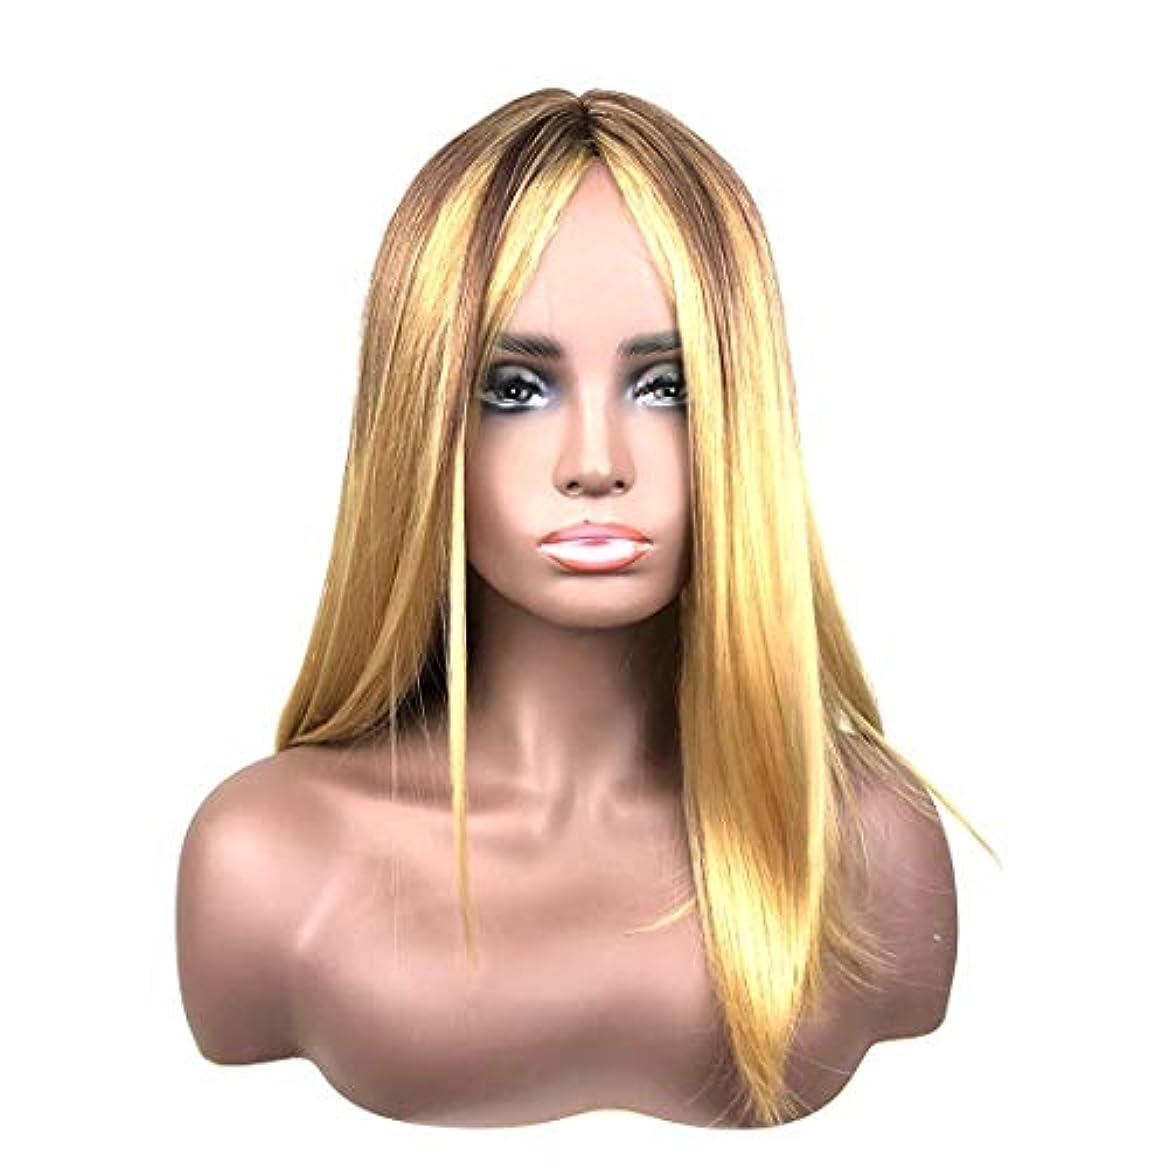 受け入れ最もセイはさておきKerwinner 前髪合成耐熱性女性のヘアスタイルと短いふわふわボブ変態ストレートヘアウィッグ